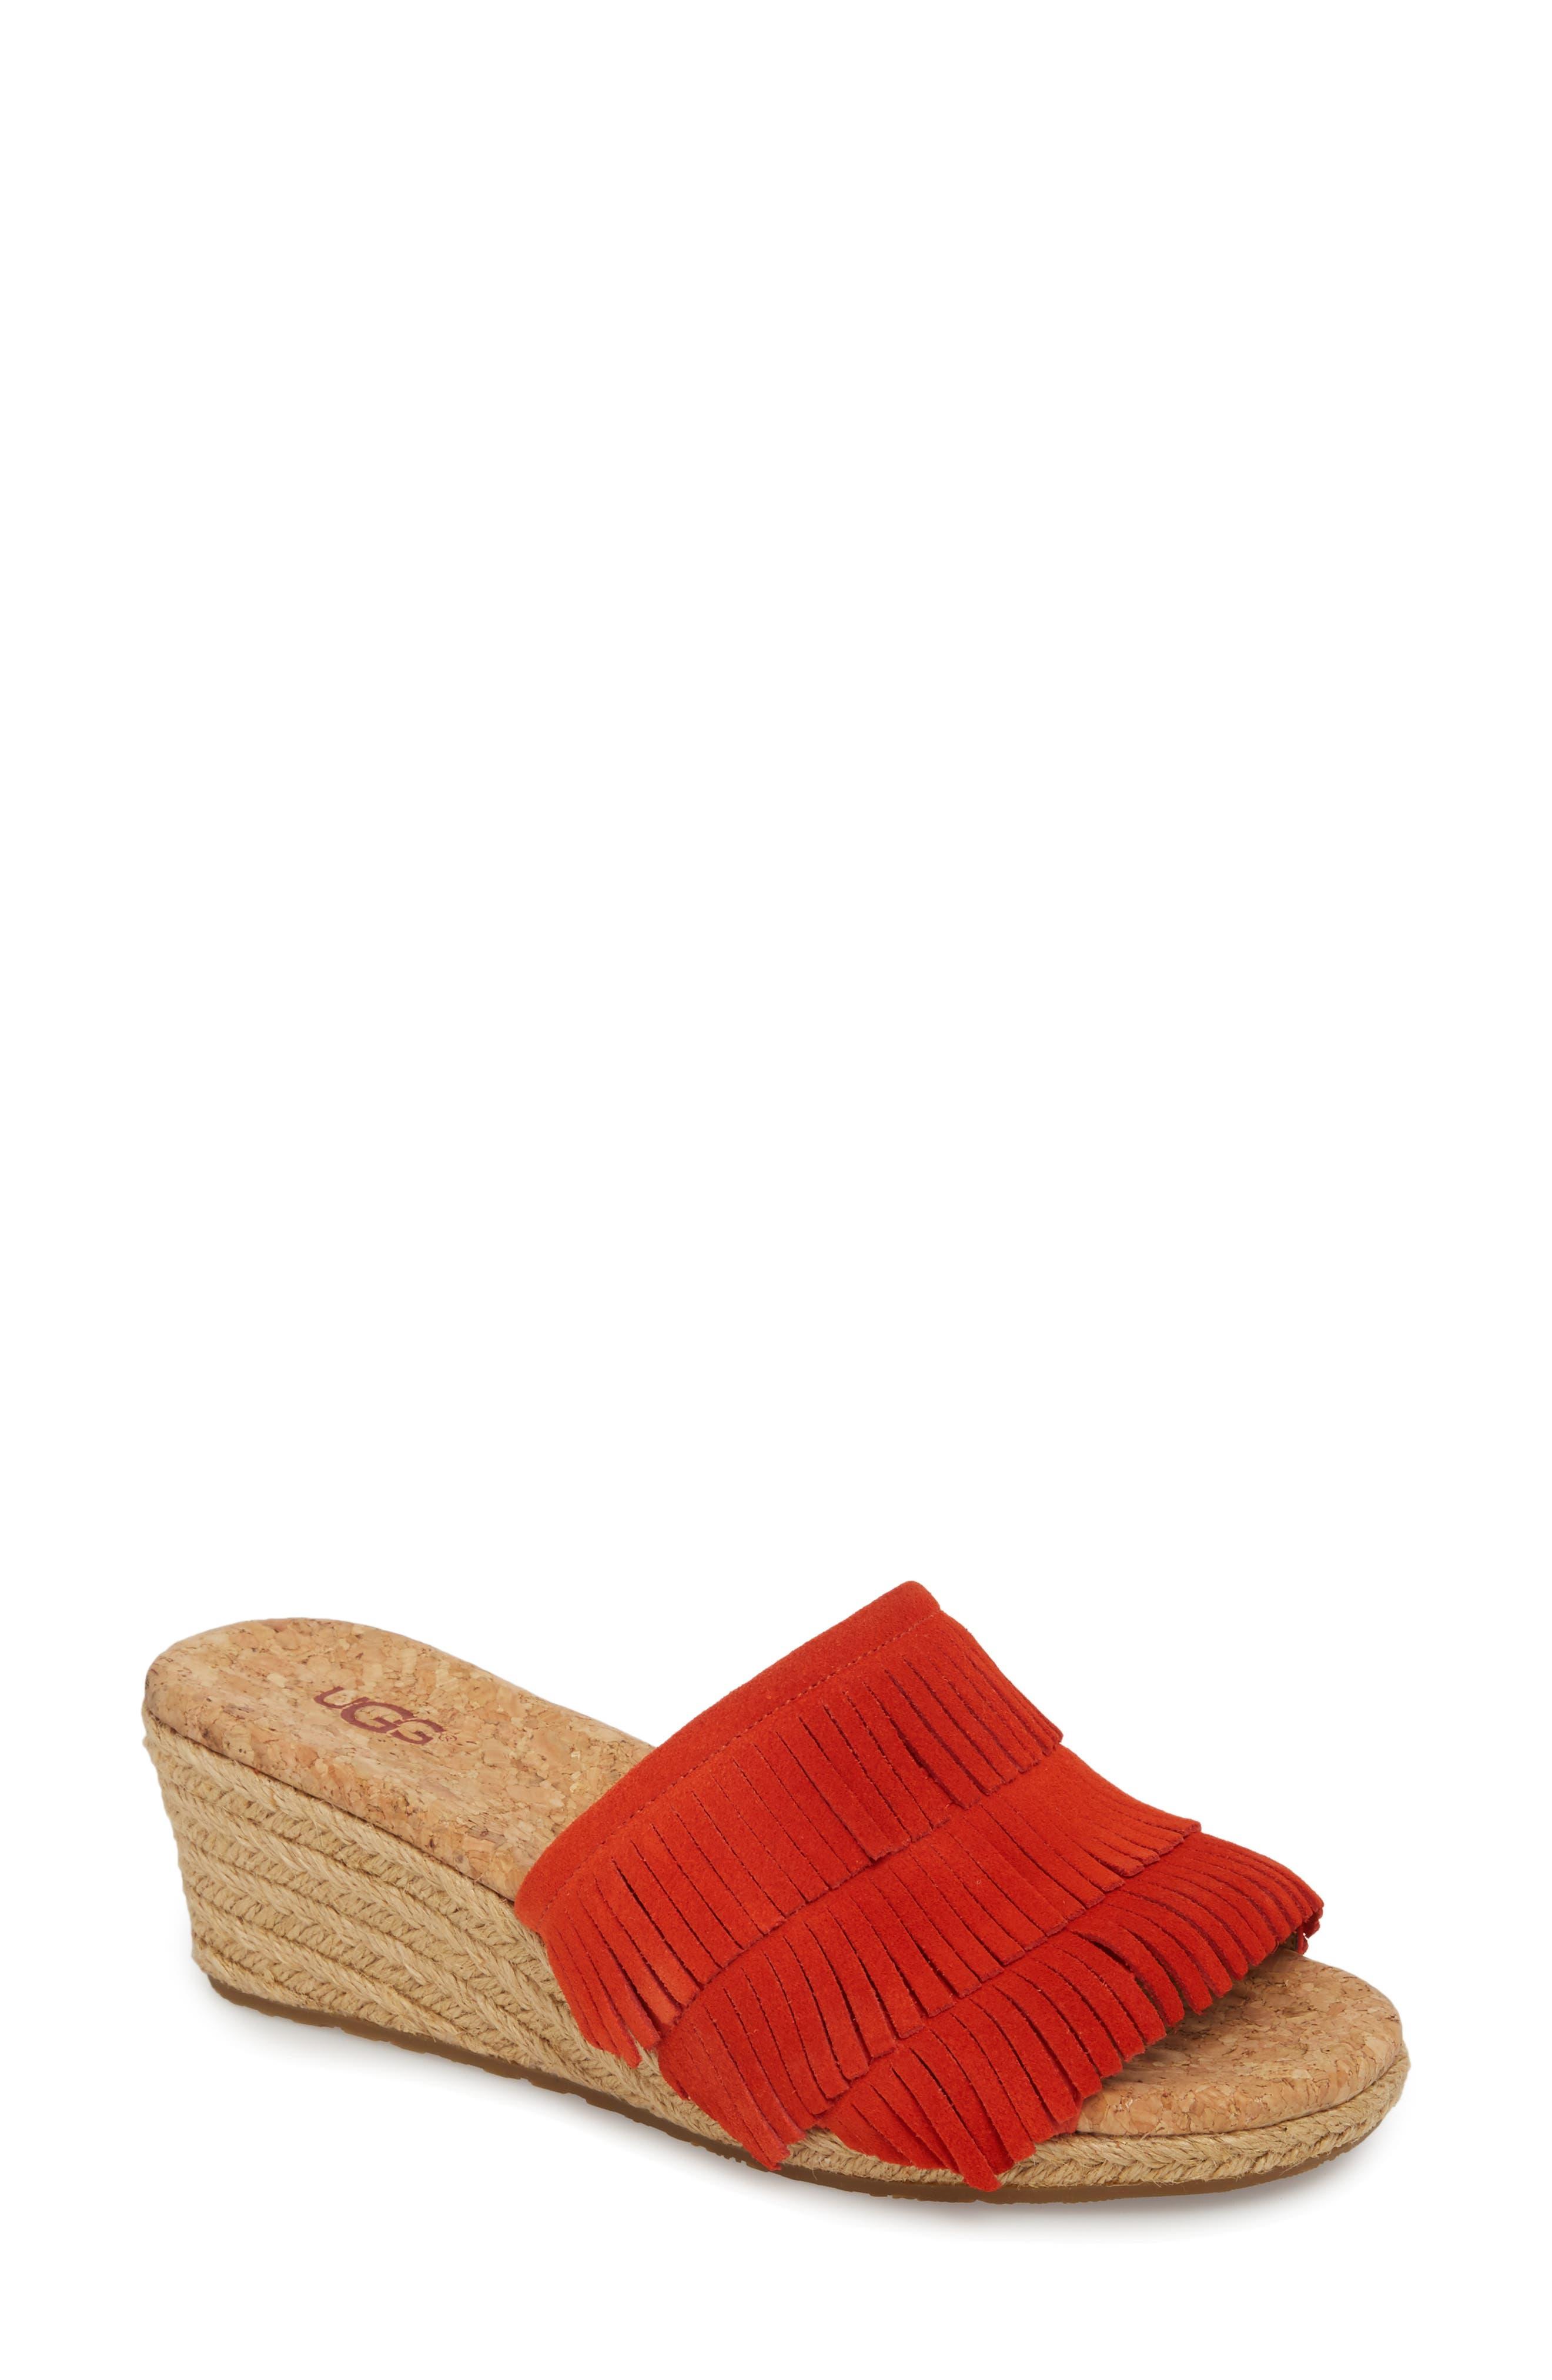 Kendra Fringe Wedge Sandal,                         Main,                         color, RED ORANGE